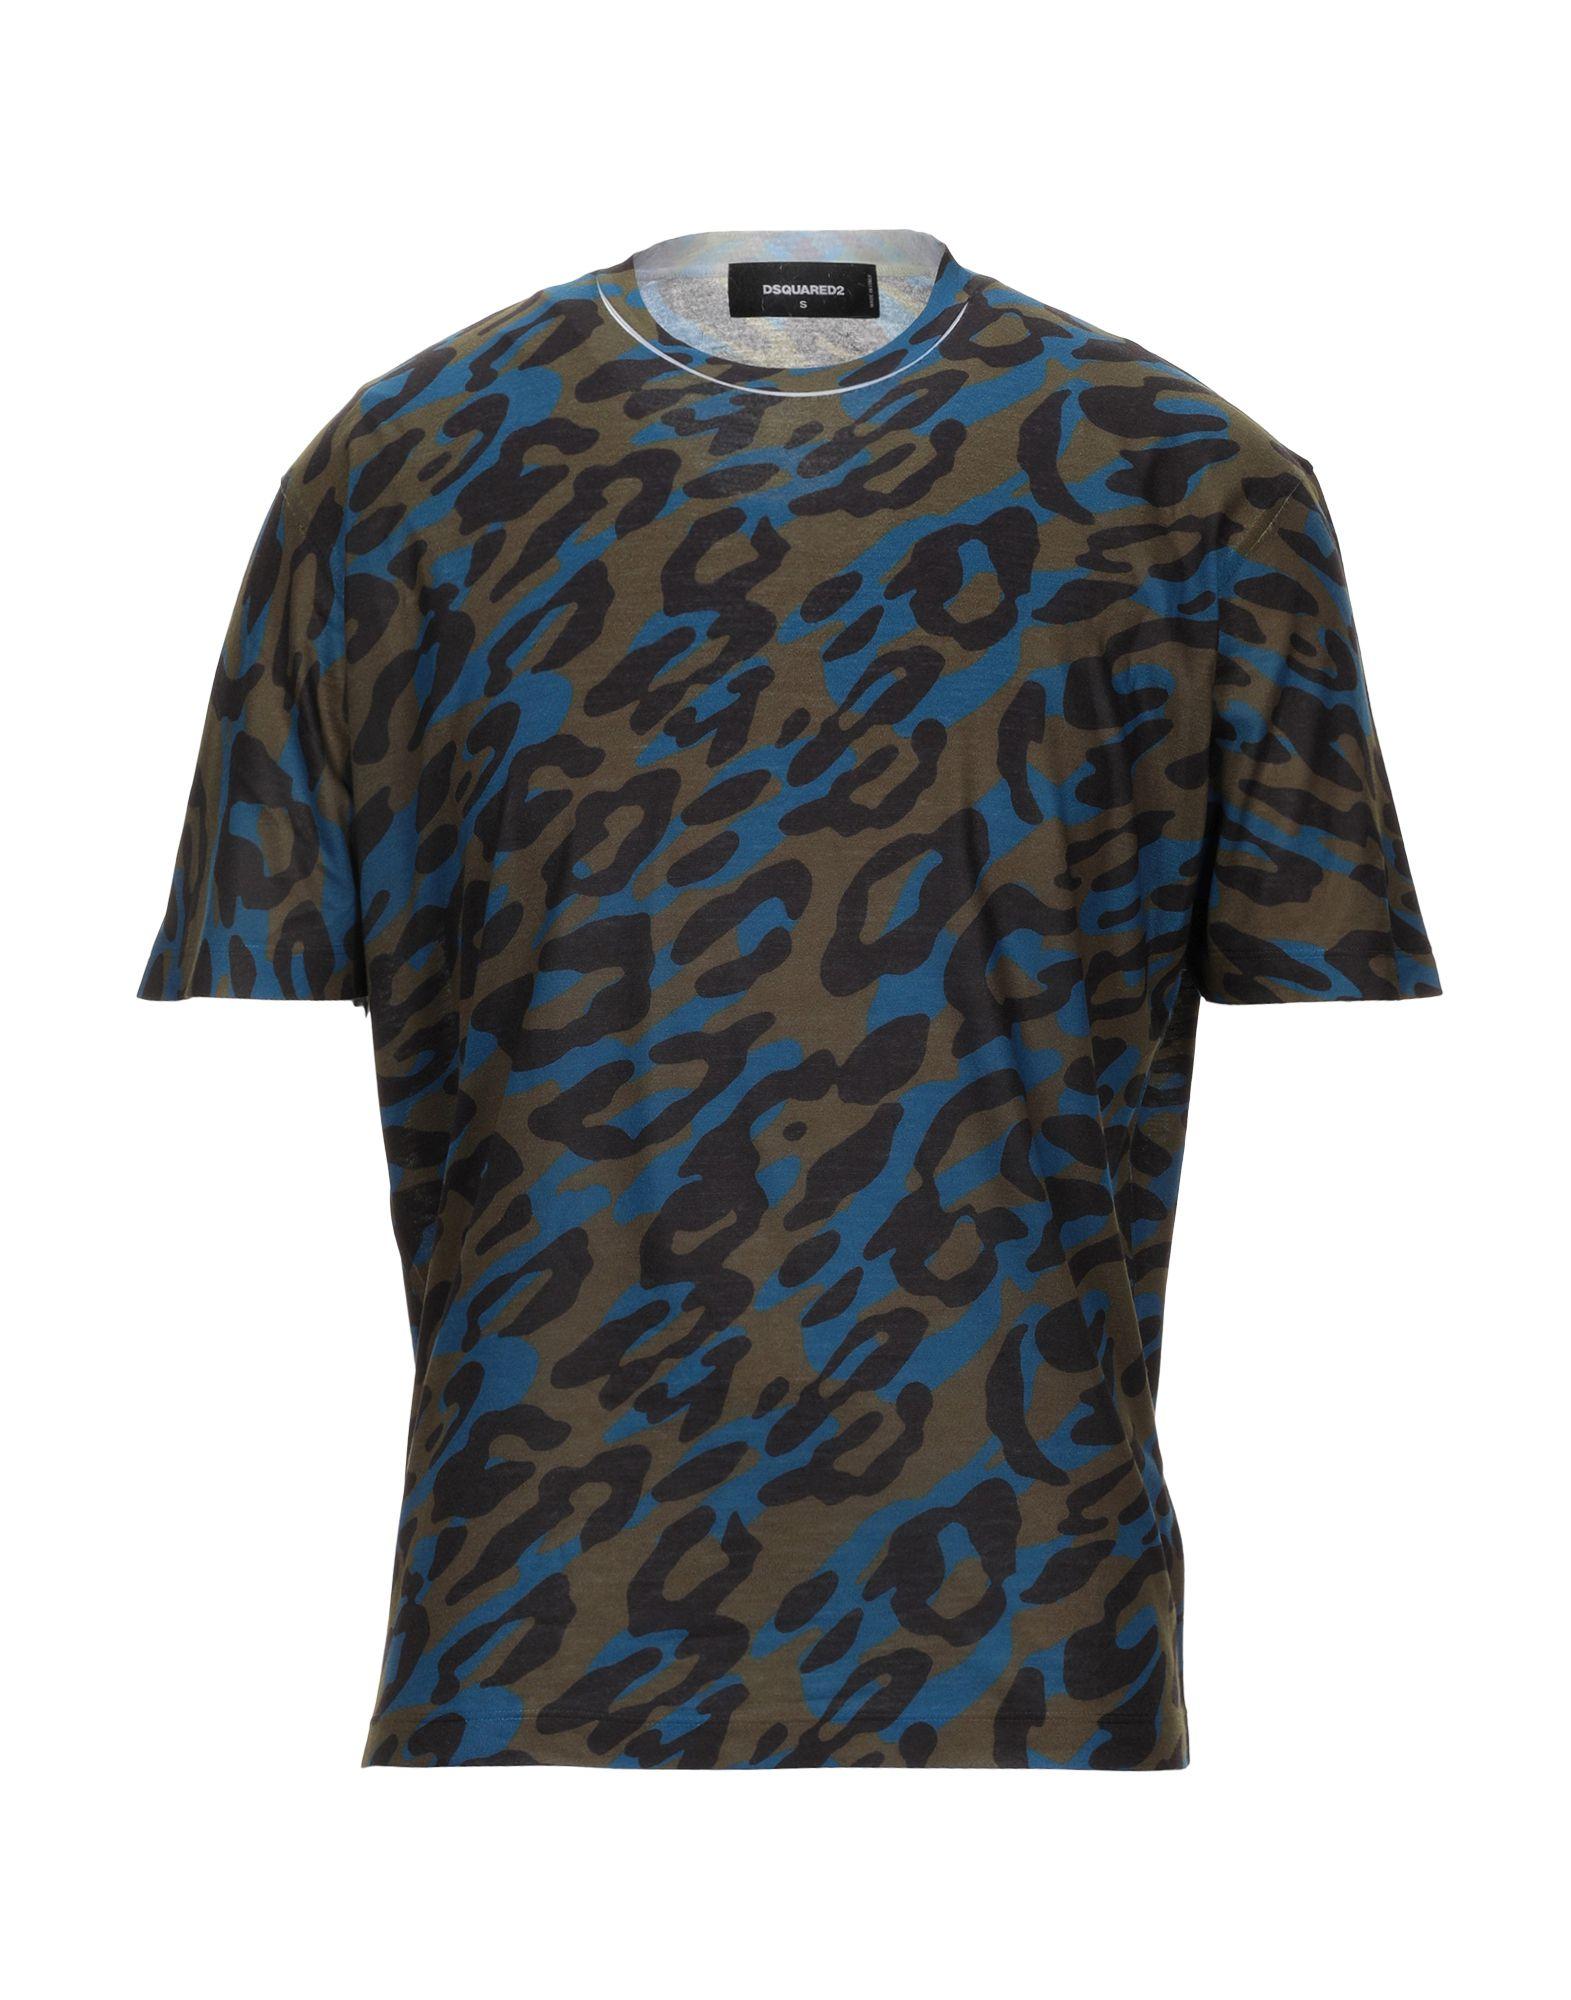 A buon mercato A buon - mercato T-Shirt Dsquarosso2 Uomo - buon 12081286DP ad2c5d